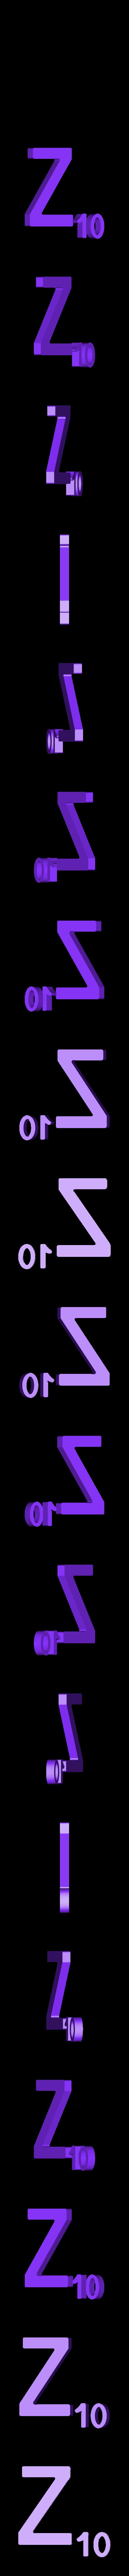 Dual_Letter_Z.STL Télécharger fichier STL gratuit Pièces et support SCRABBBLE • Design pour imprimante 3D, Balkhagal4D